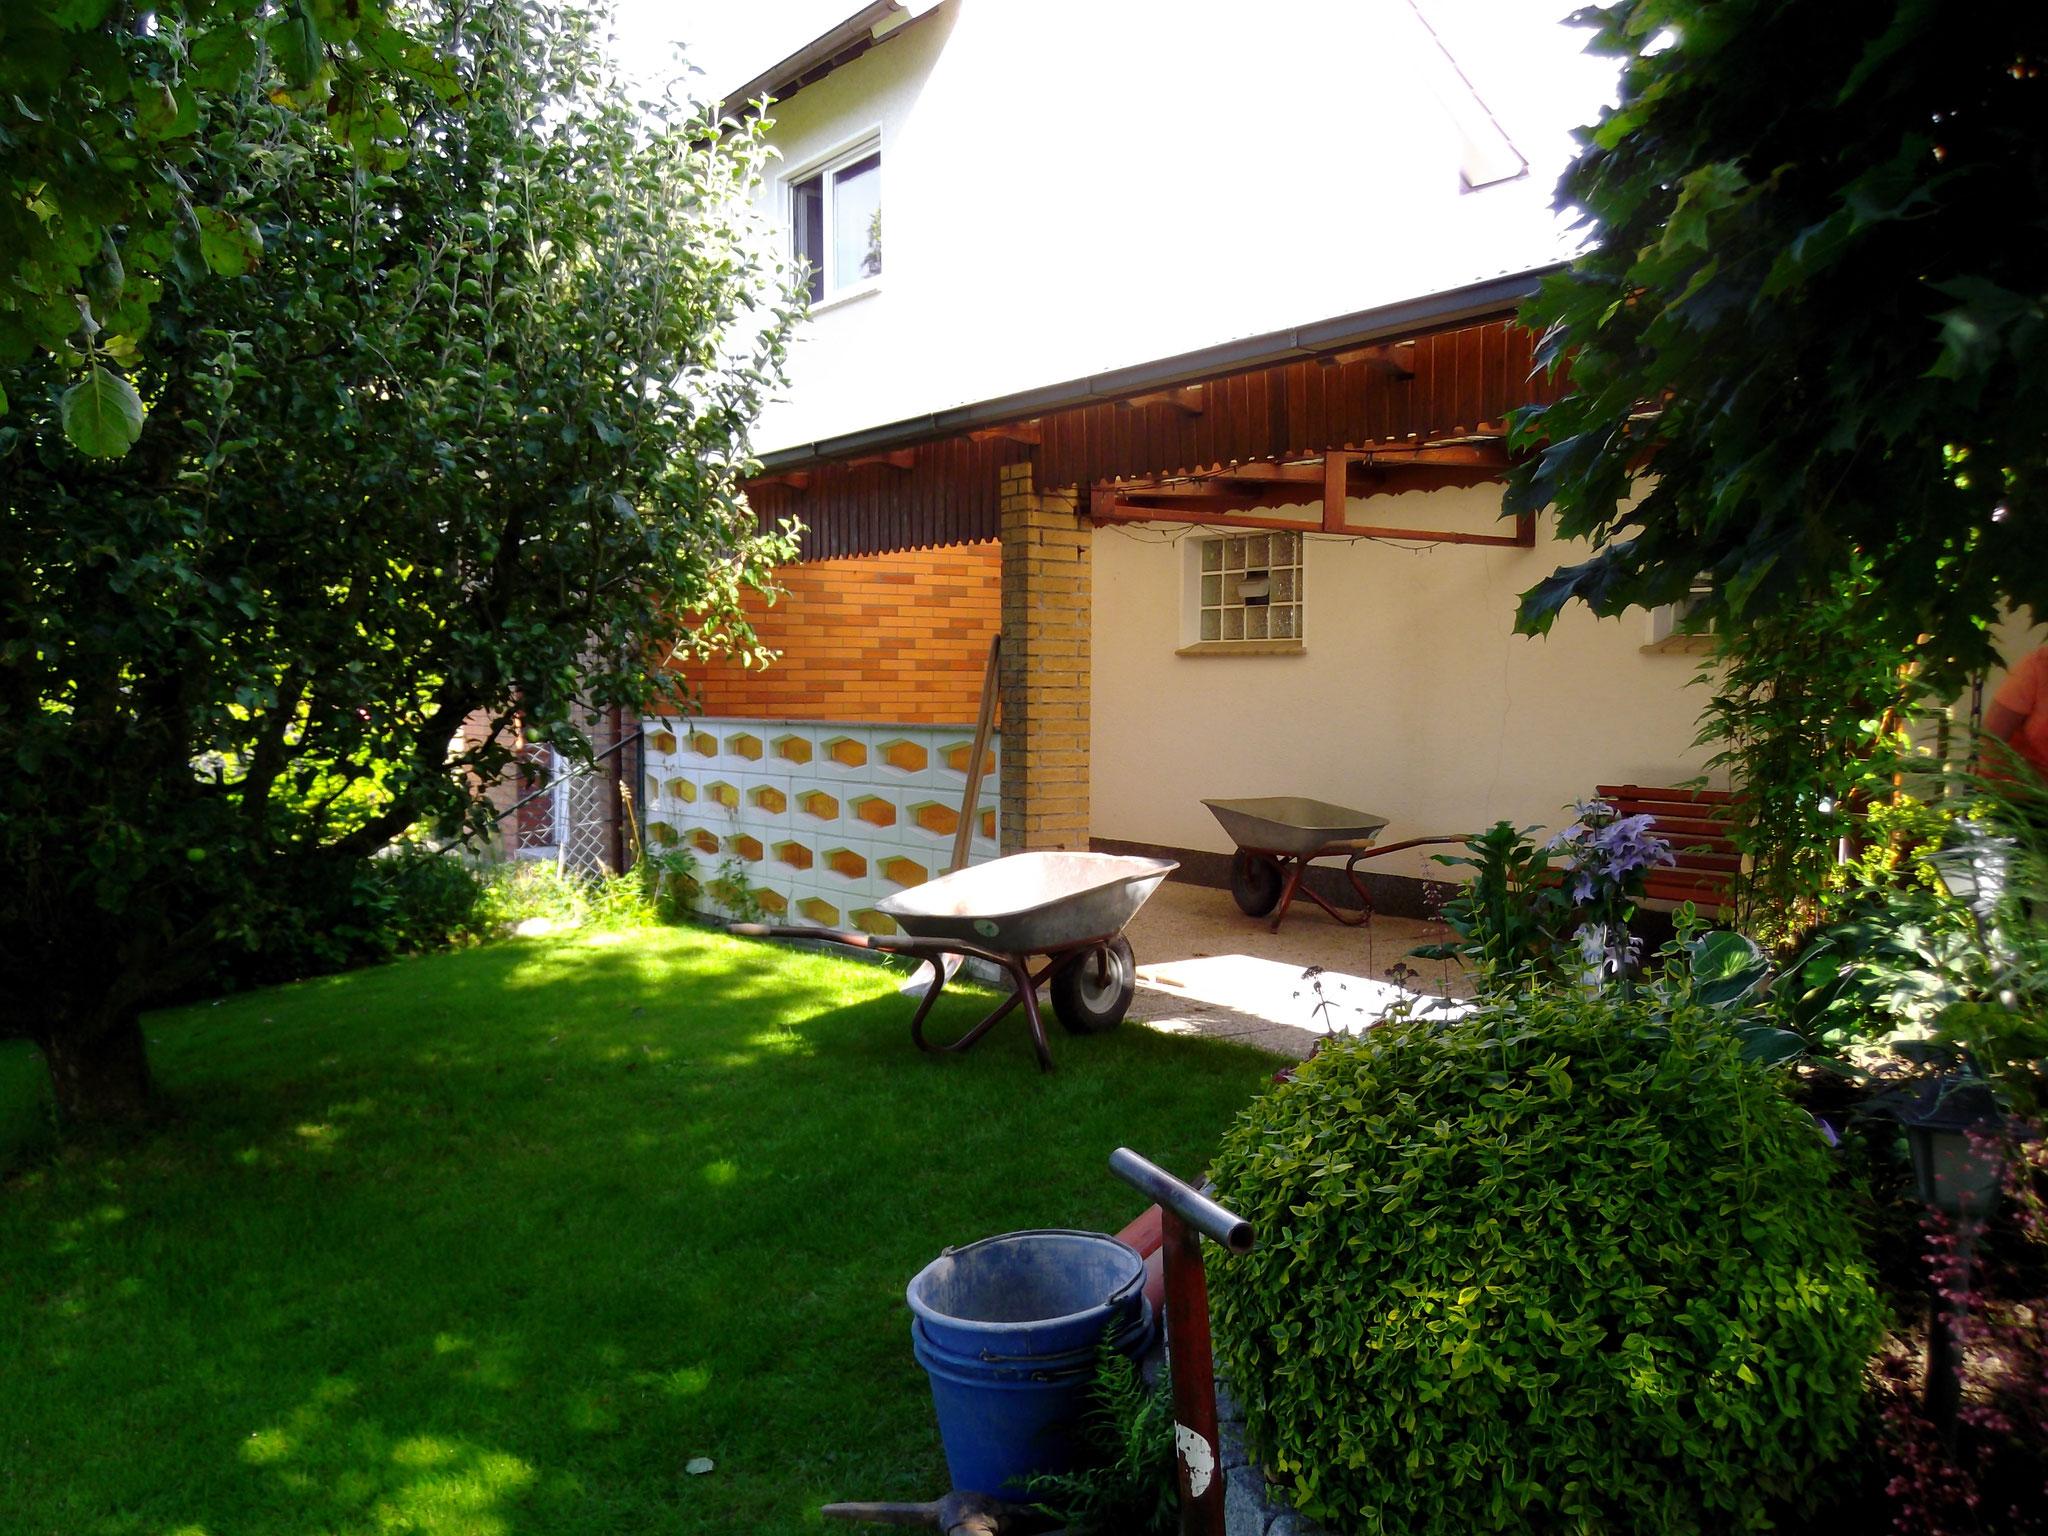 Korfmacher Gartendesign: Terrassengestaltung VORHER